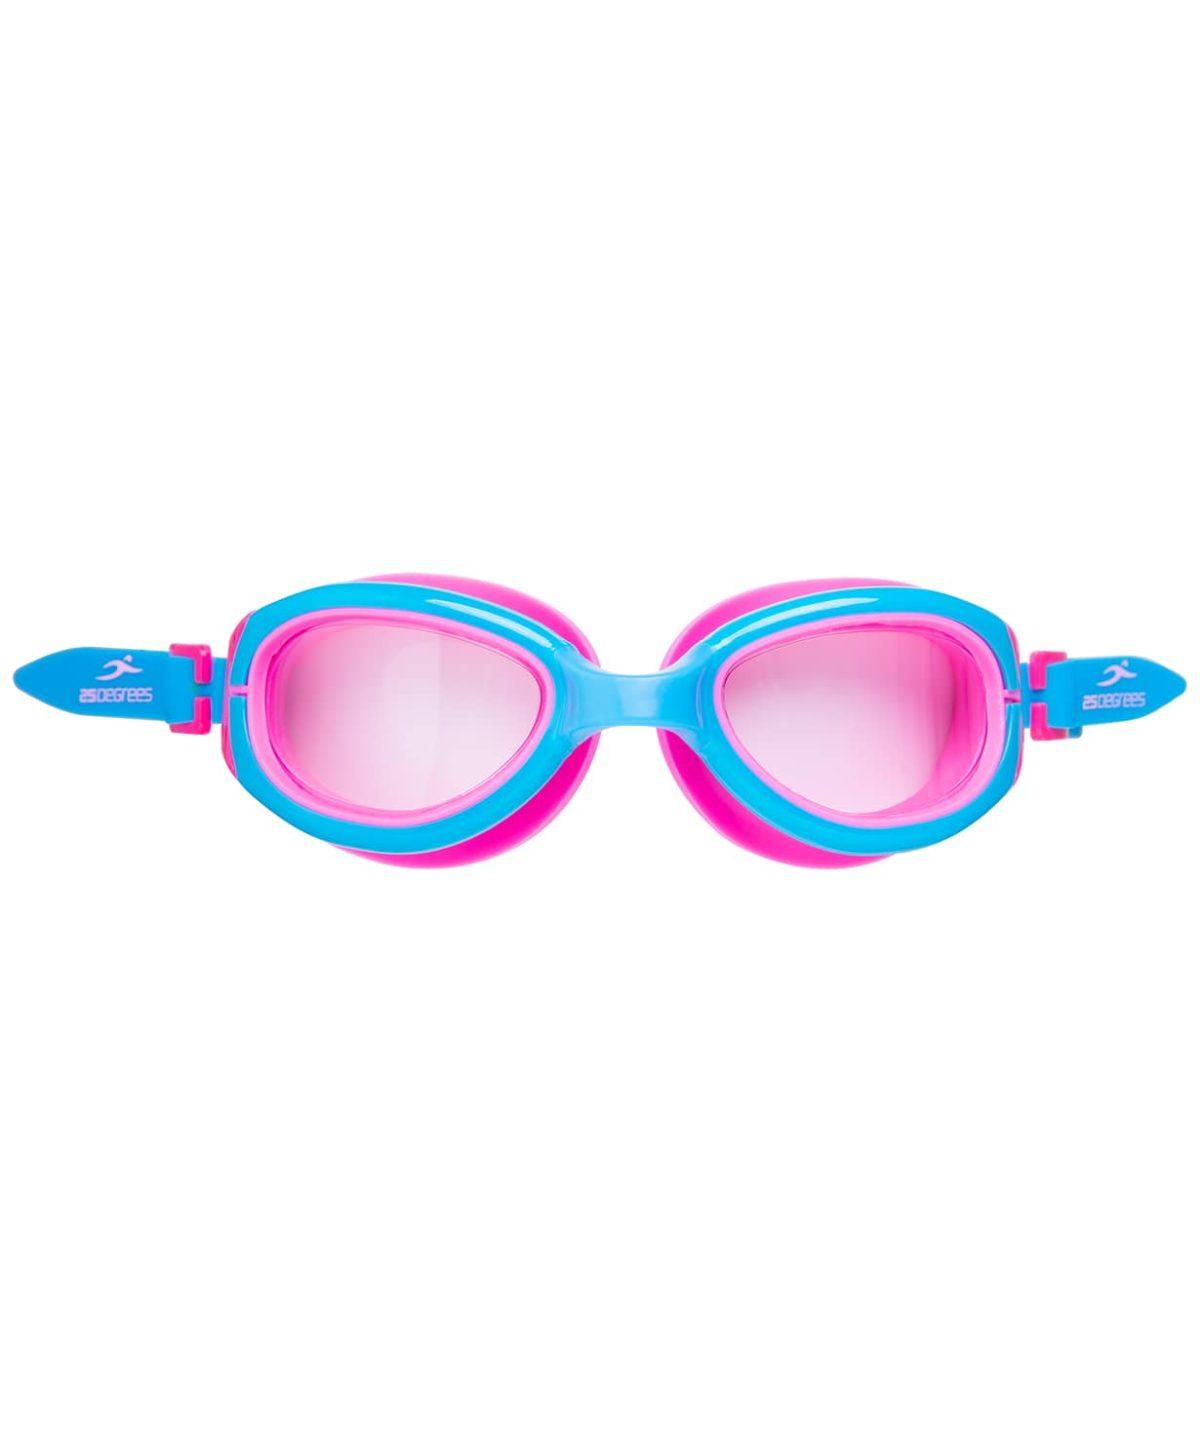 25DEGREES Friggo Light Blue/Pink Очки для плавания подростковые  17340 - 2